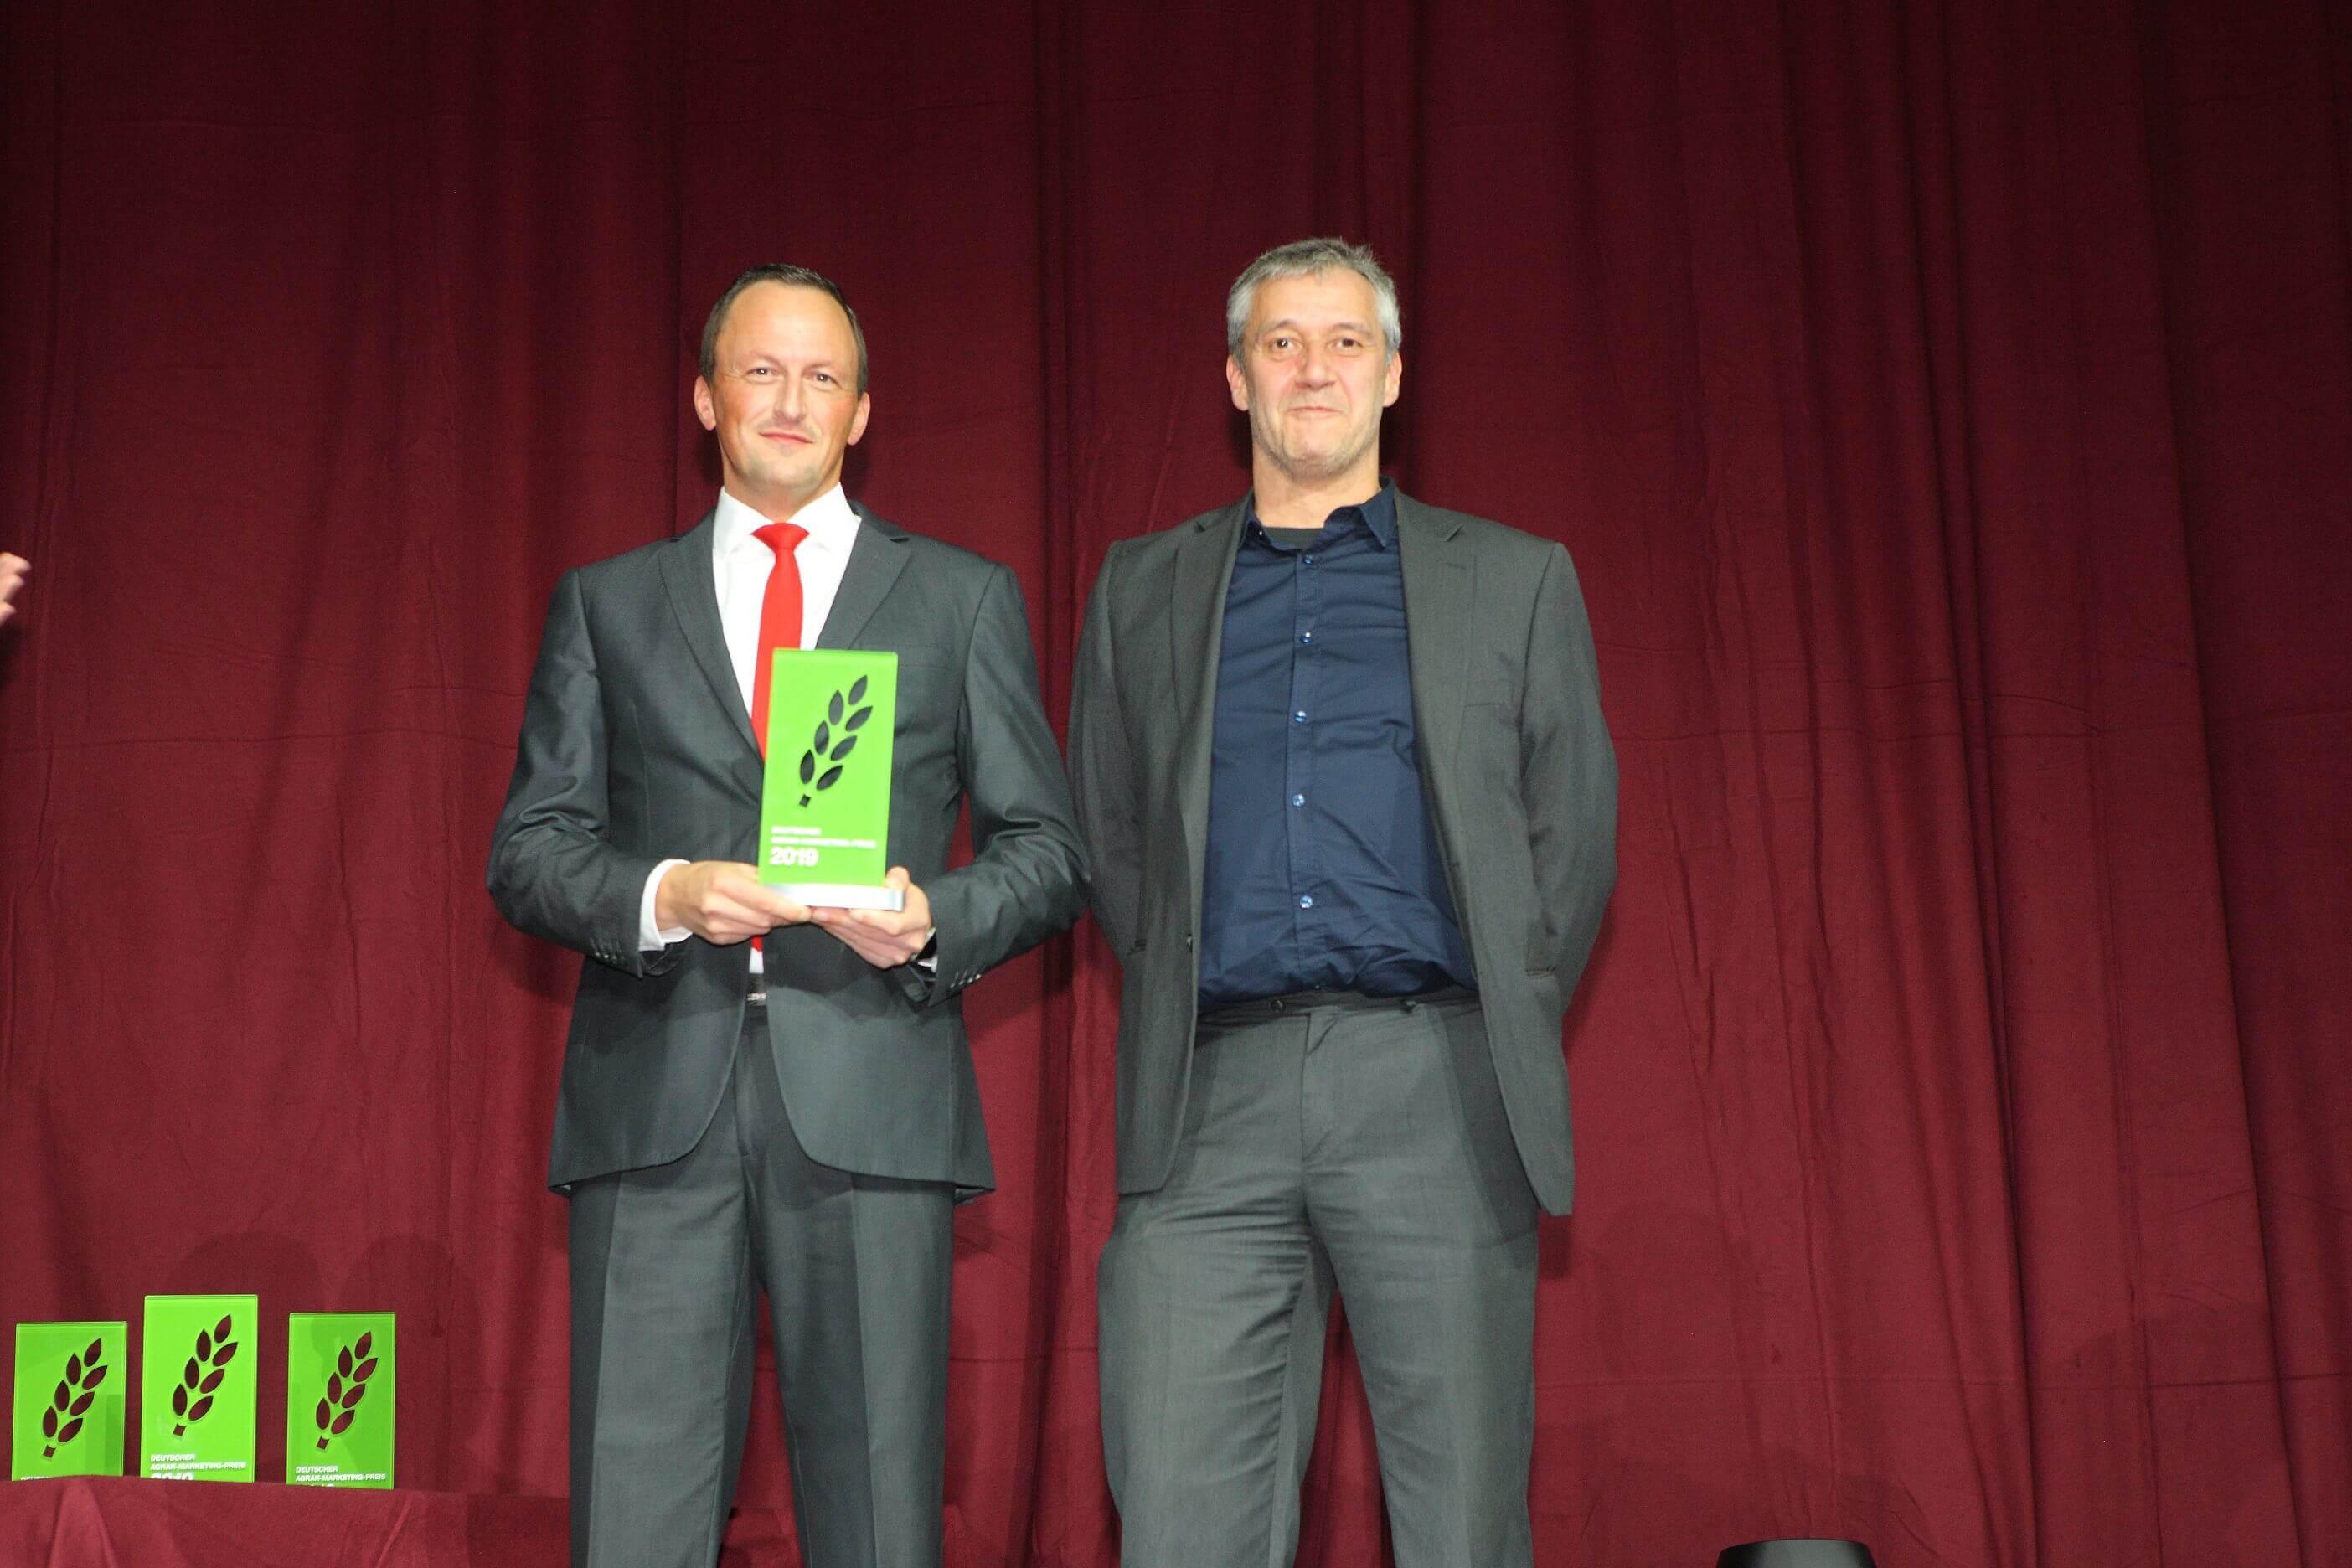 JOSERA Marketingmitarbeiter bei der Preisverleihung des deutschen Agrarmarketing-Preises 2019